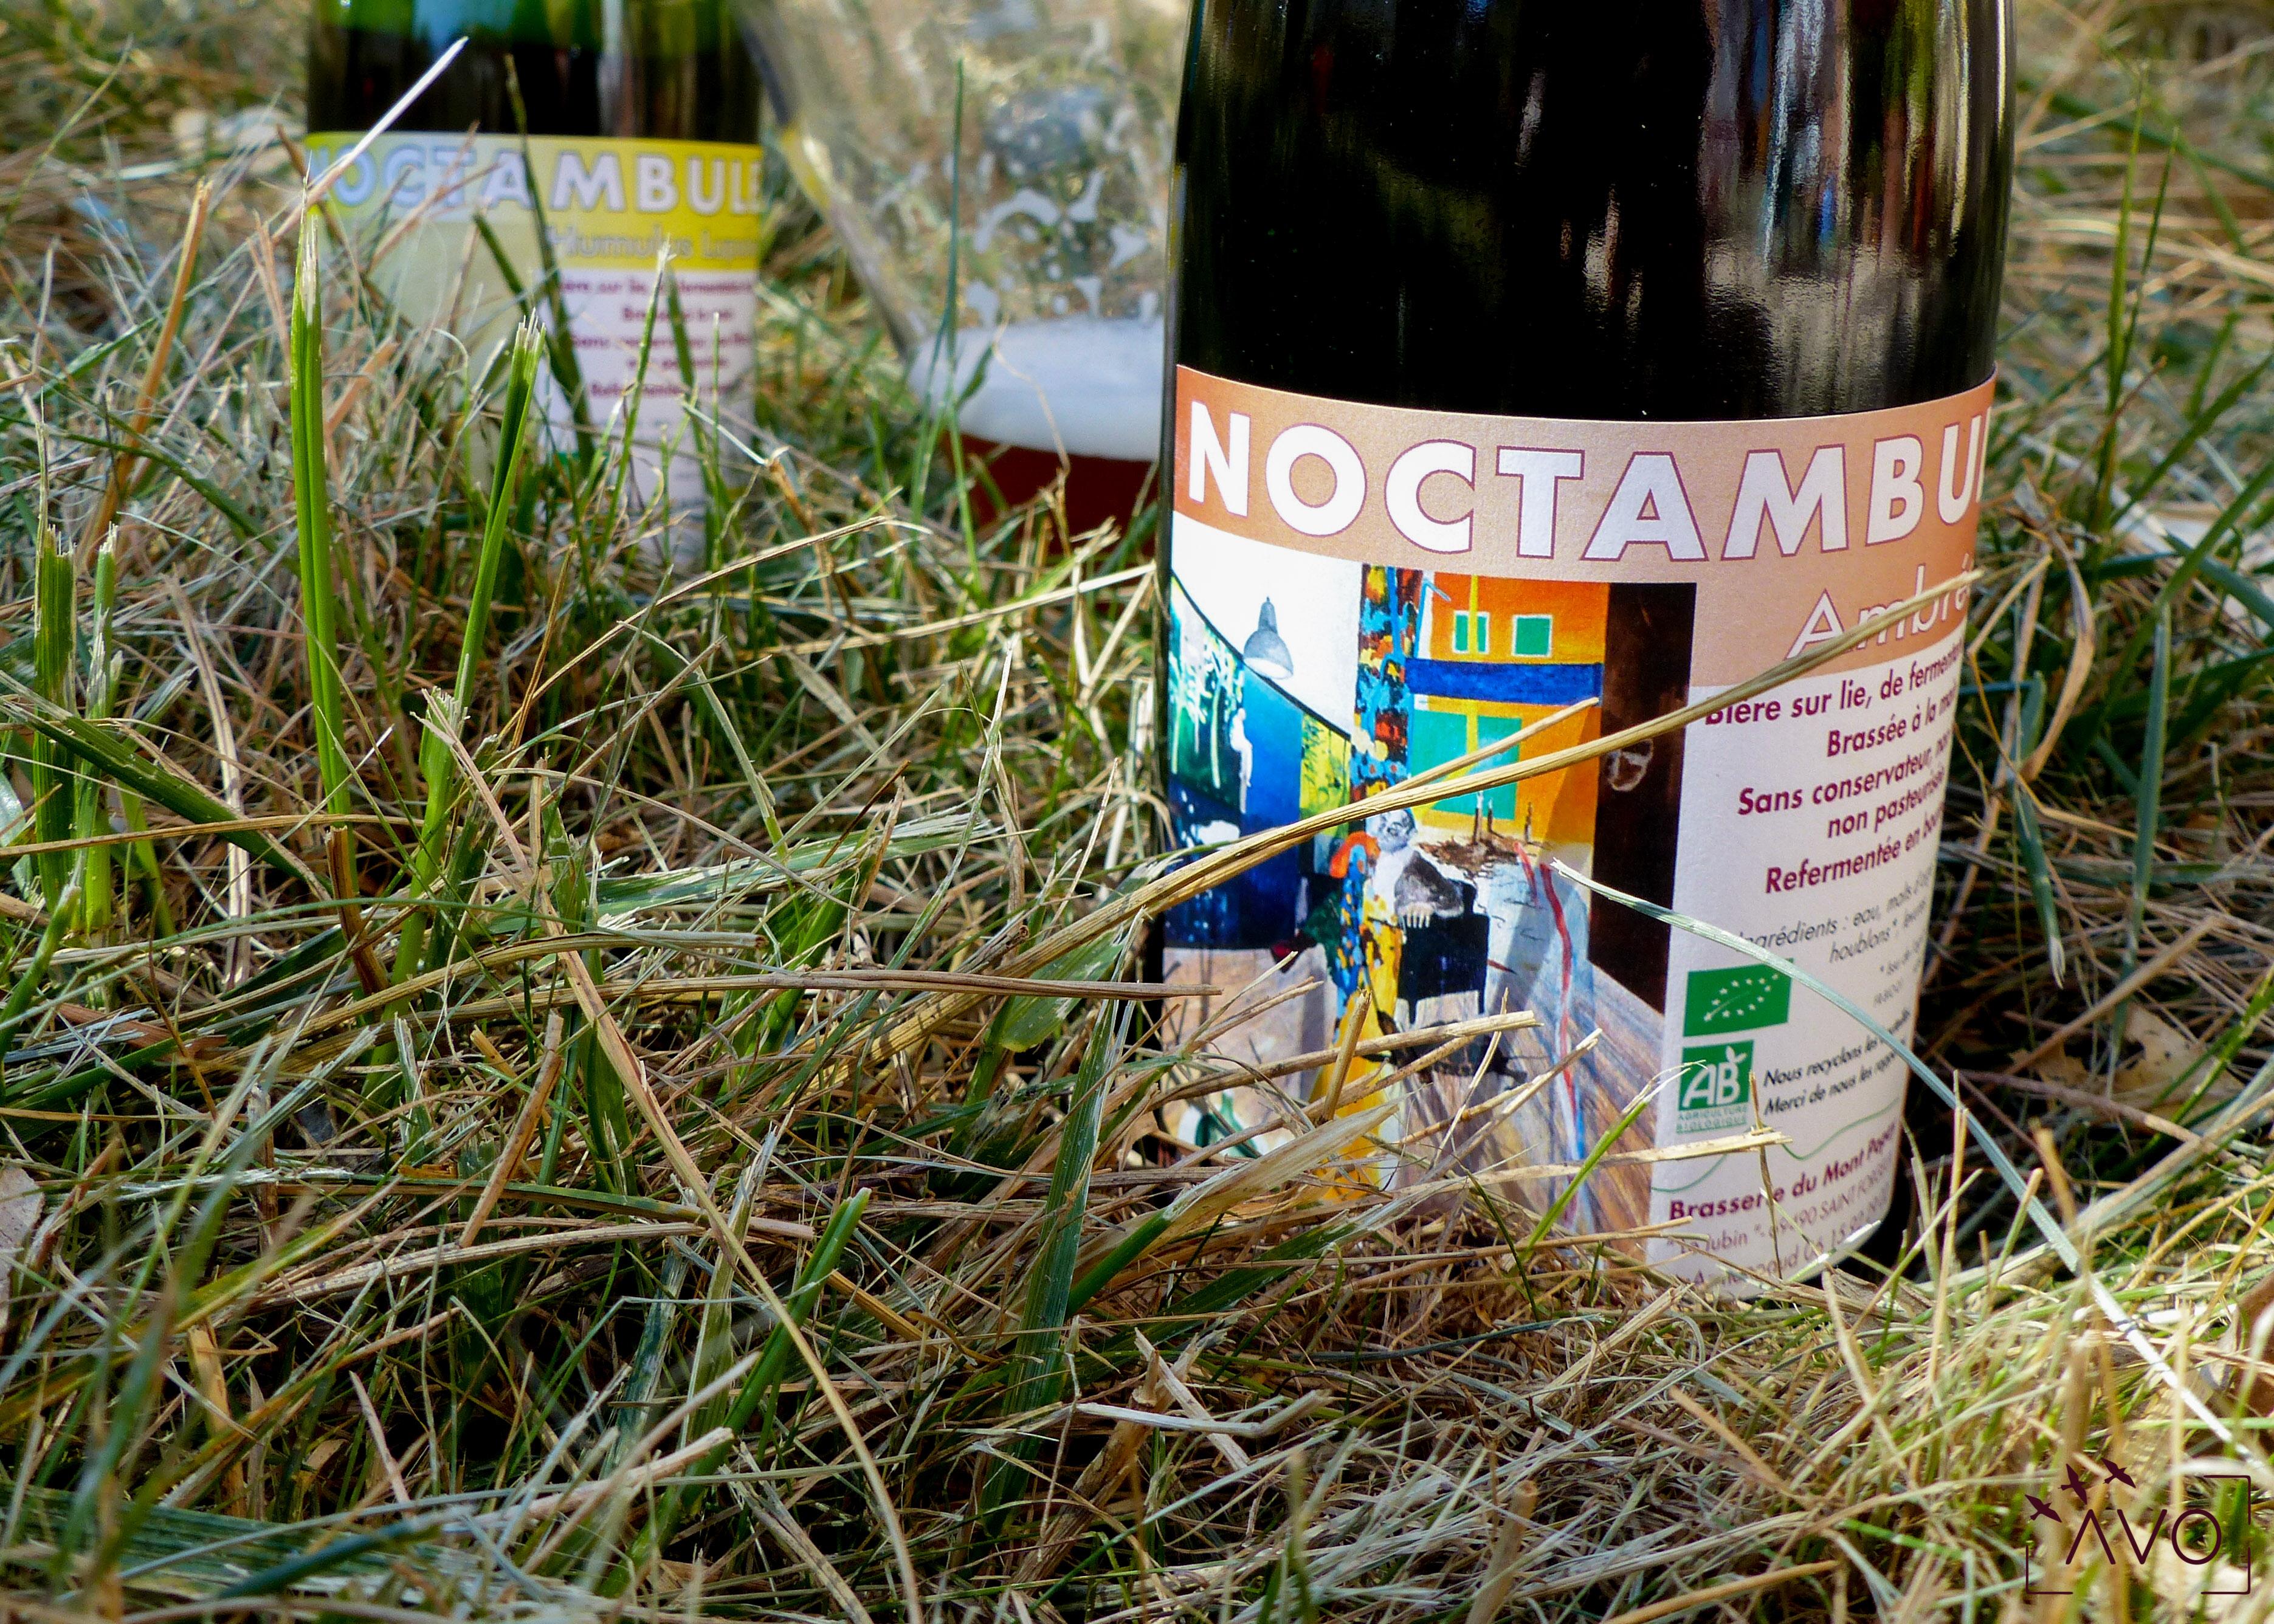 avo-ecologie-biere-bio-lyon-noctanbulle-stephan